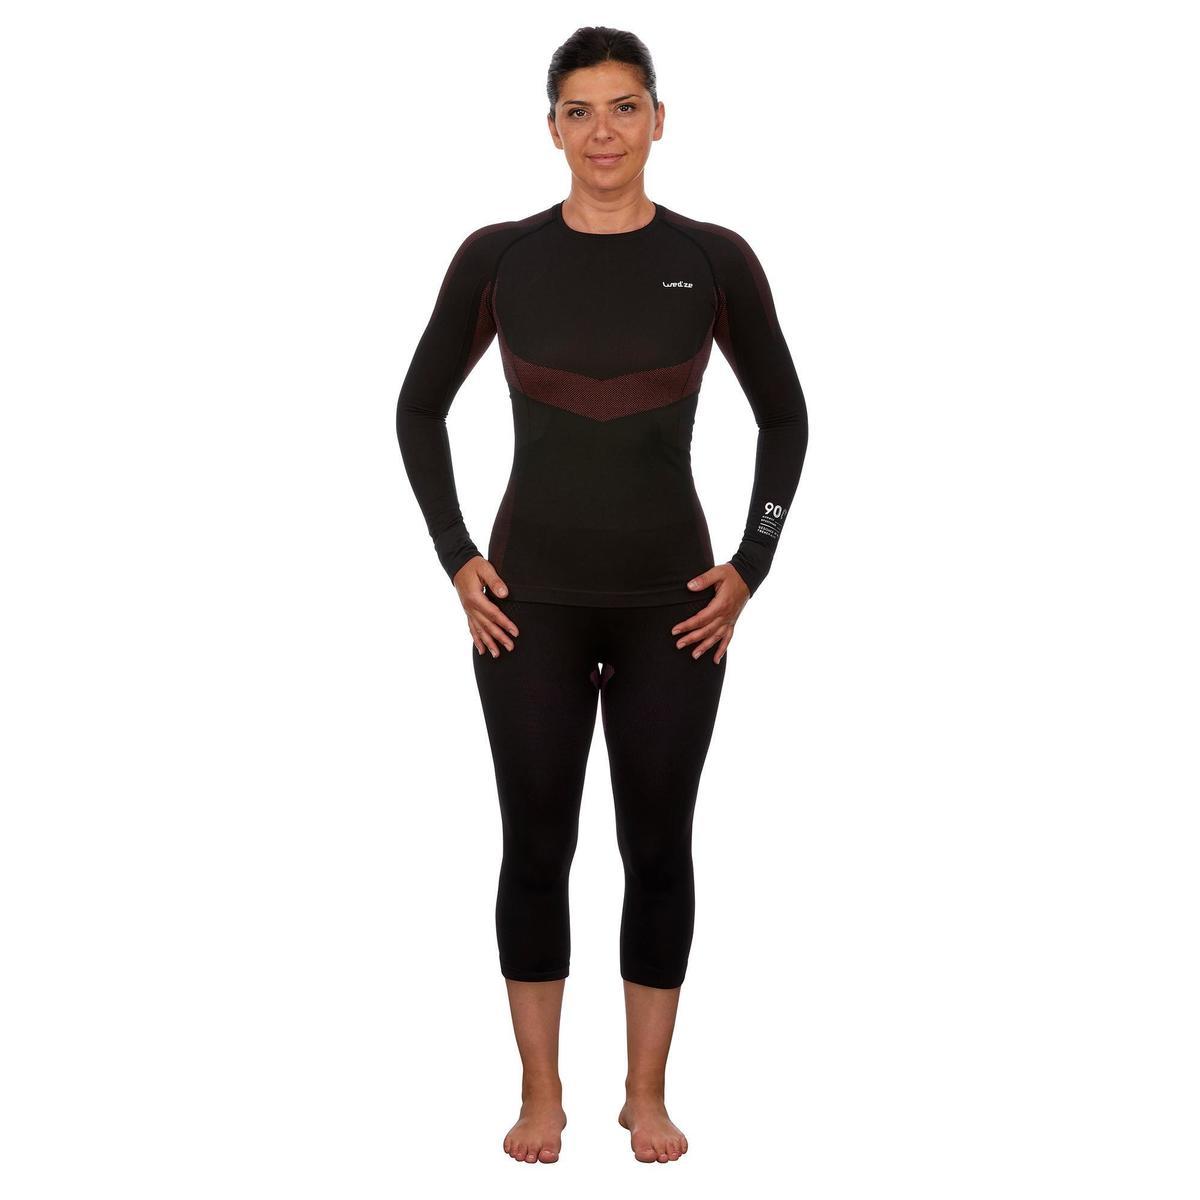 Bild 2 von Skiunterwäsche Funktionsshirt 900 Damen schwarz rosa